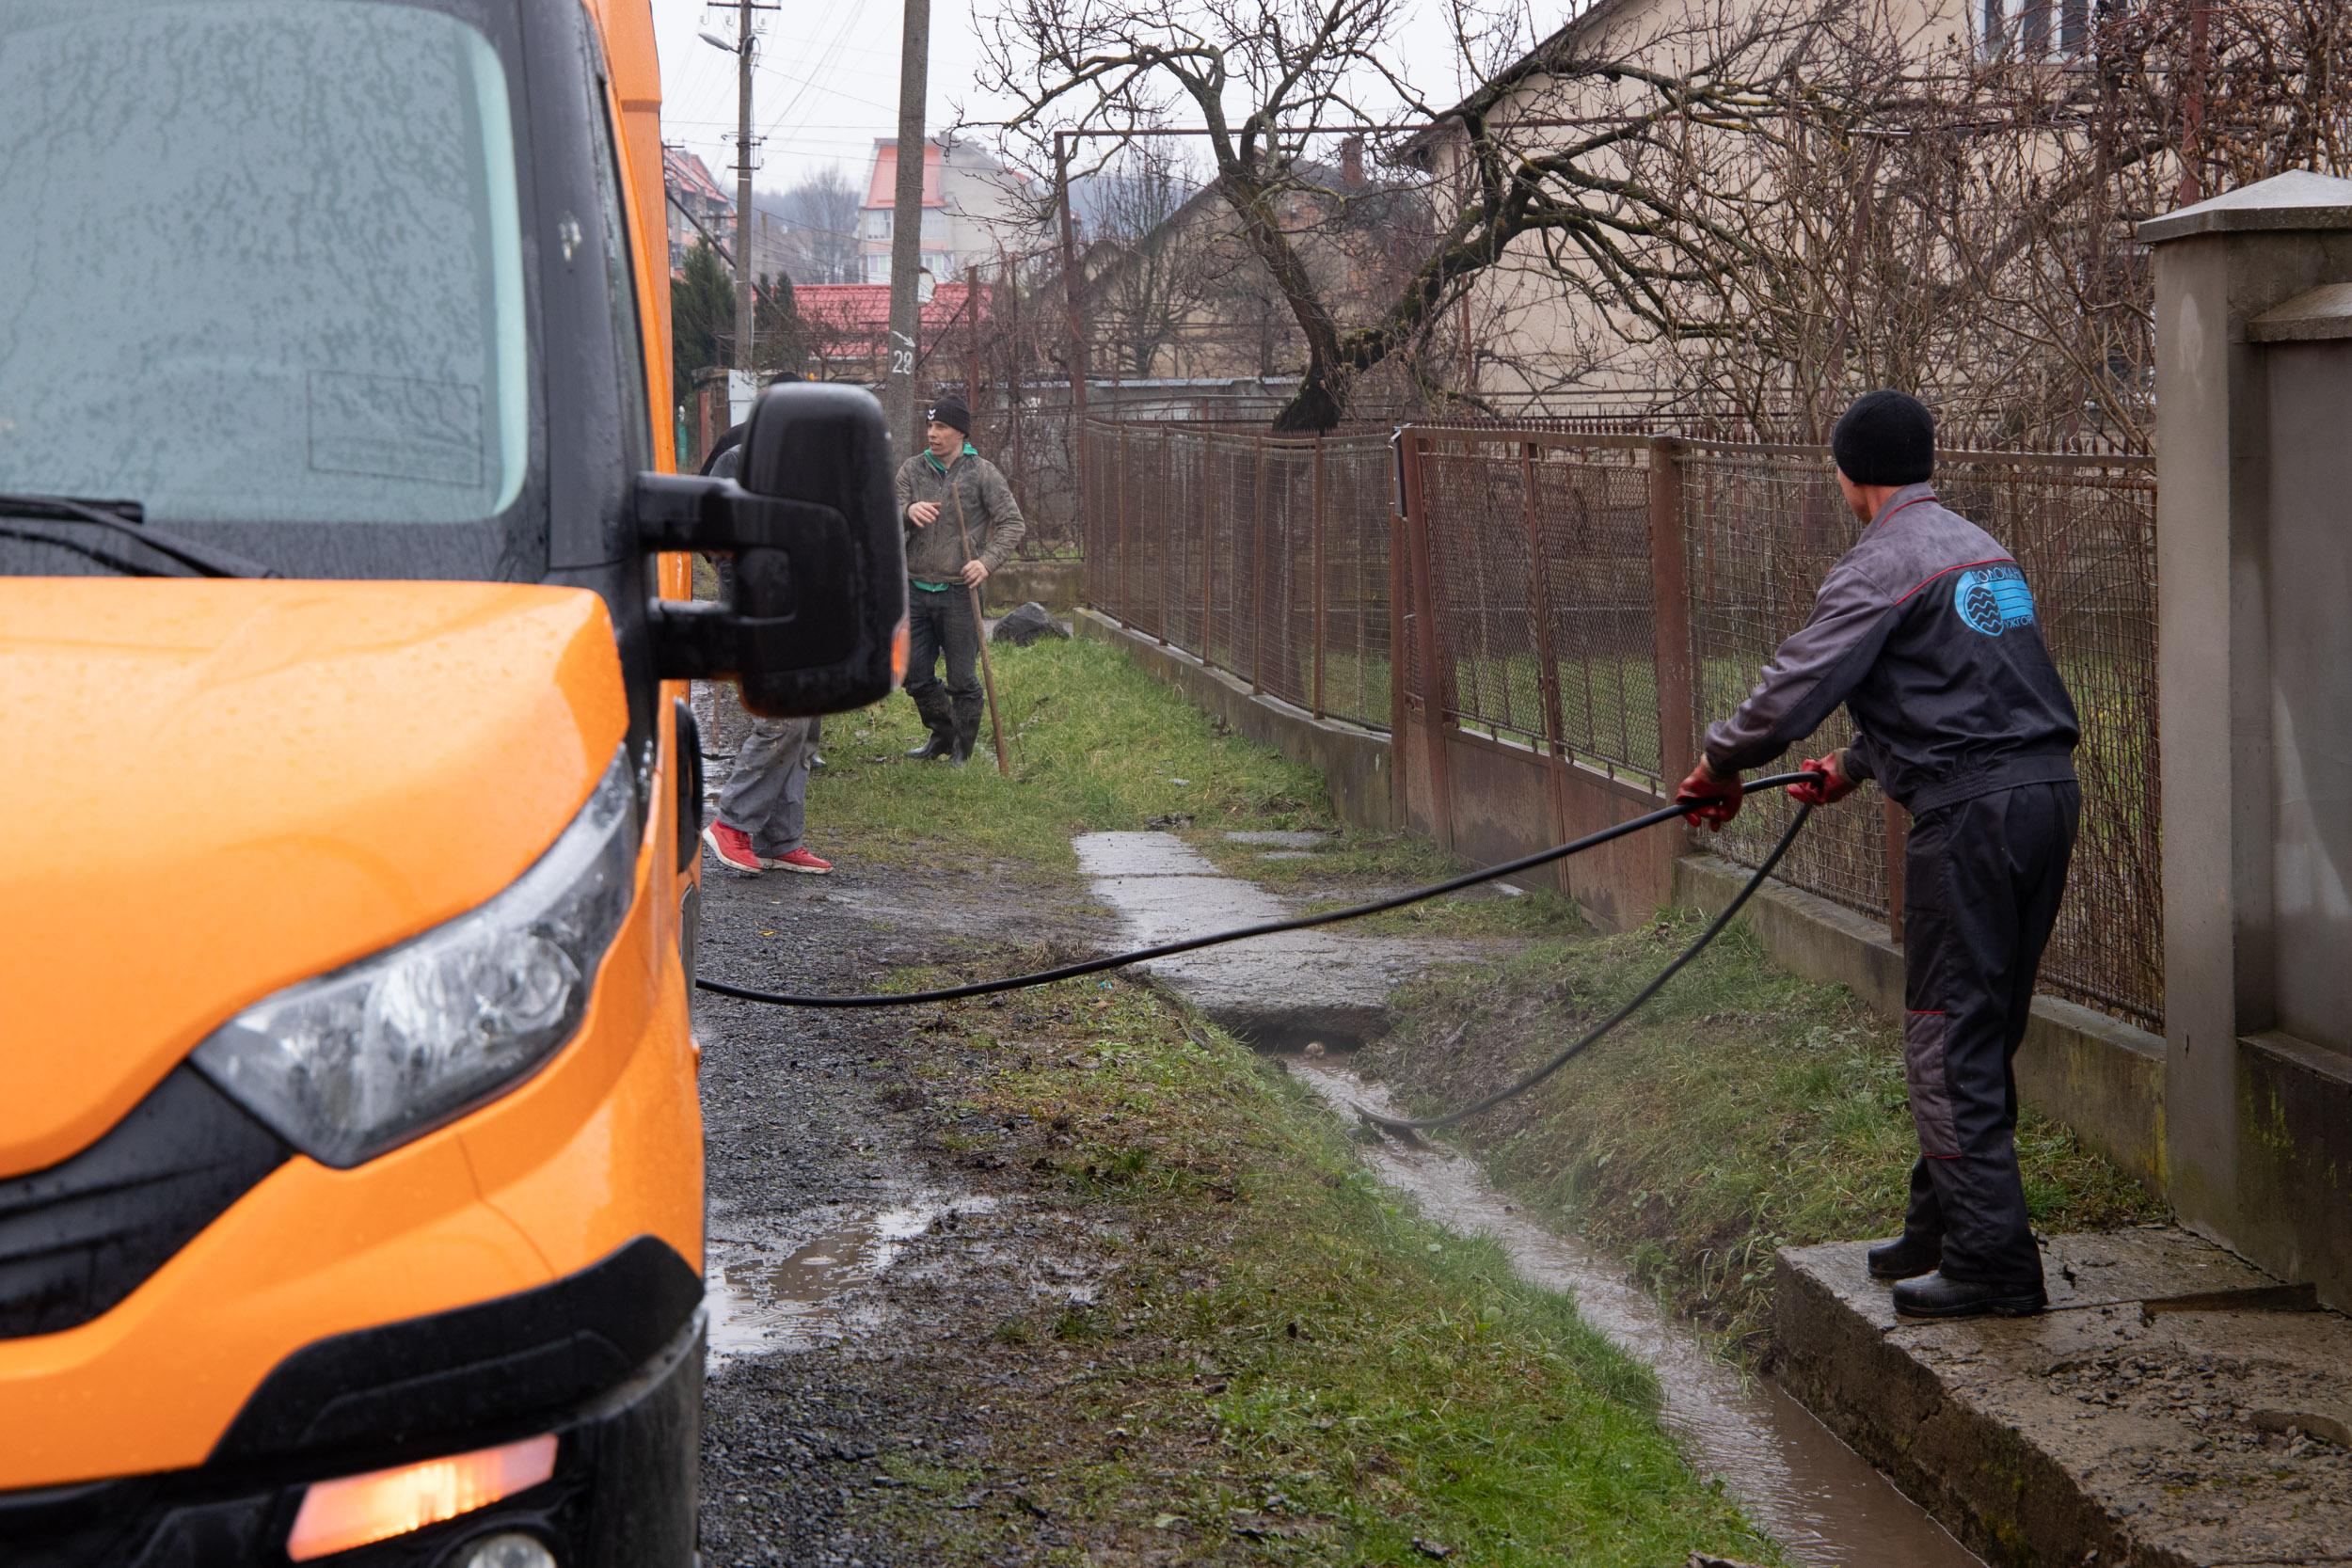 Департамент міського господарства звертається до ужгородців із проханням здійснювати своєчасне очищення задля попередження підтоплення ділянок від паводкових вод.